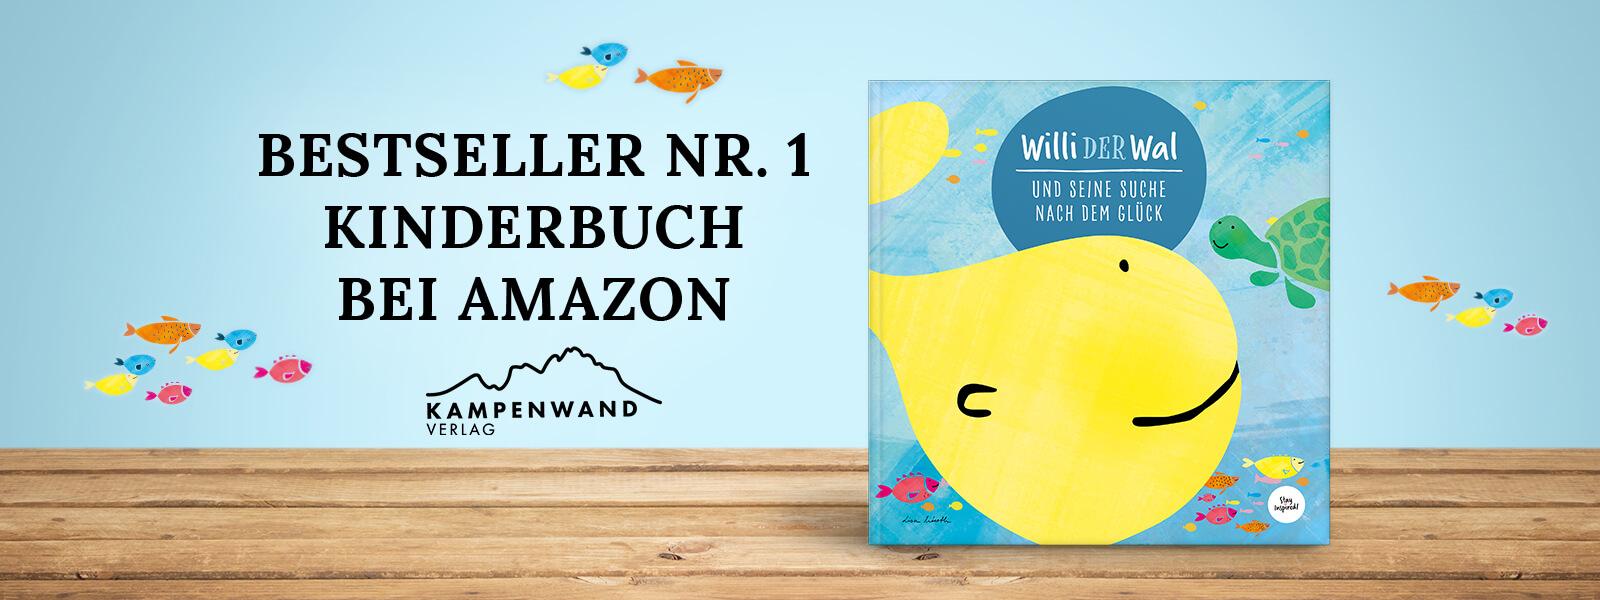 Willi der Wal - Kinderbuch über die Suche nach dem Glück